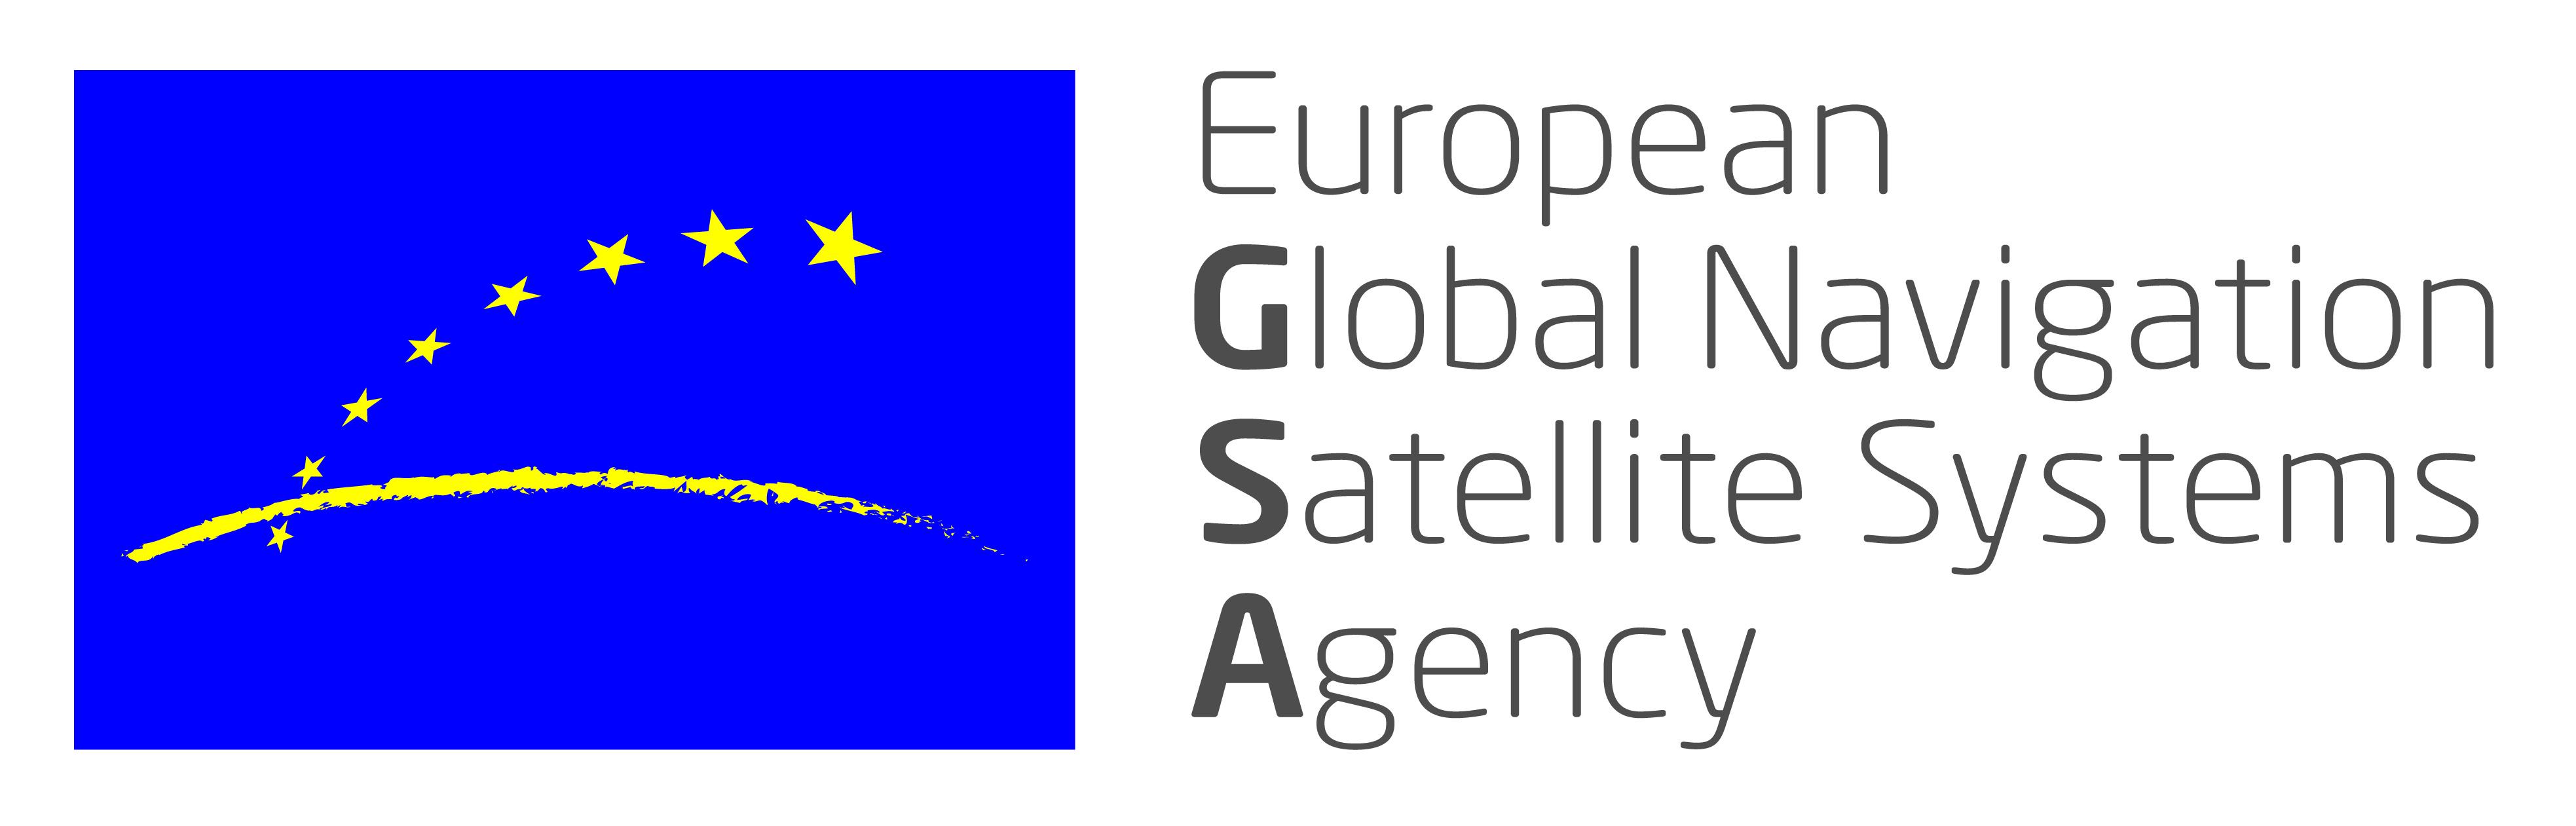 logo for European GNSS Agency